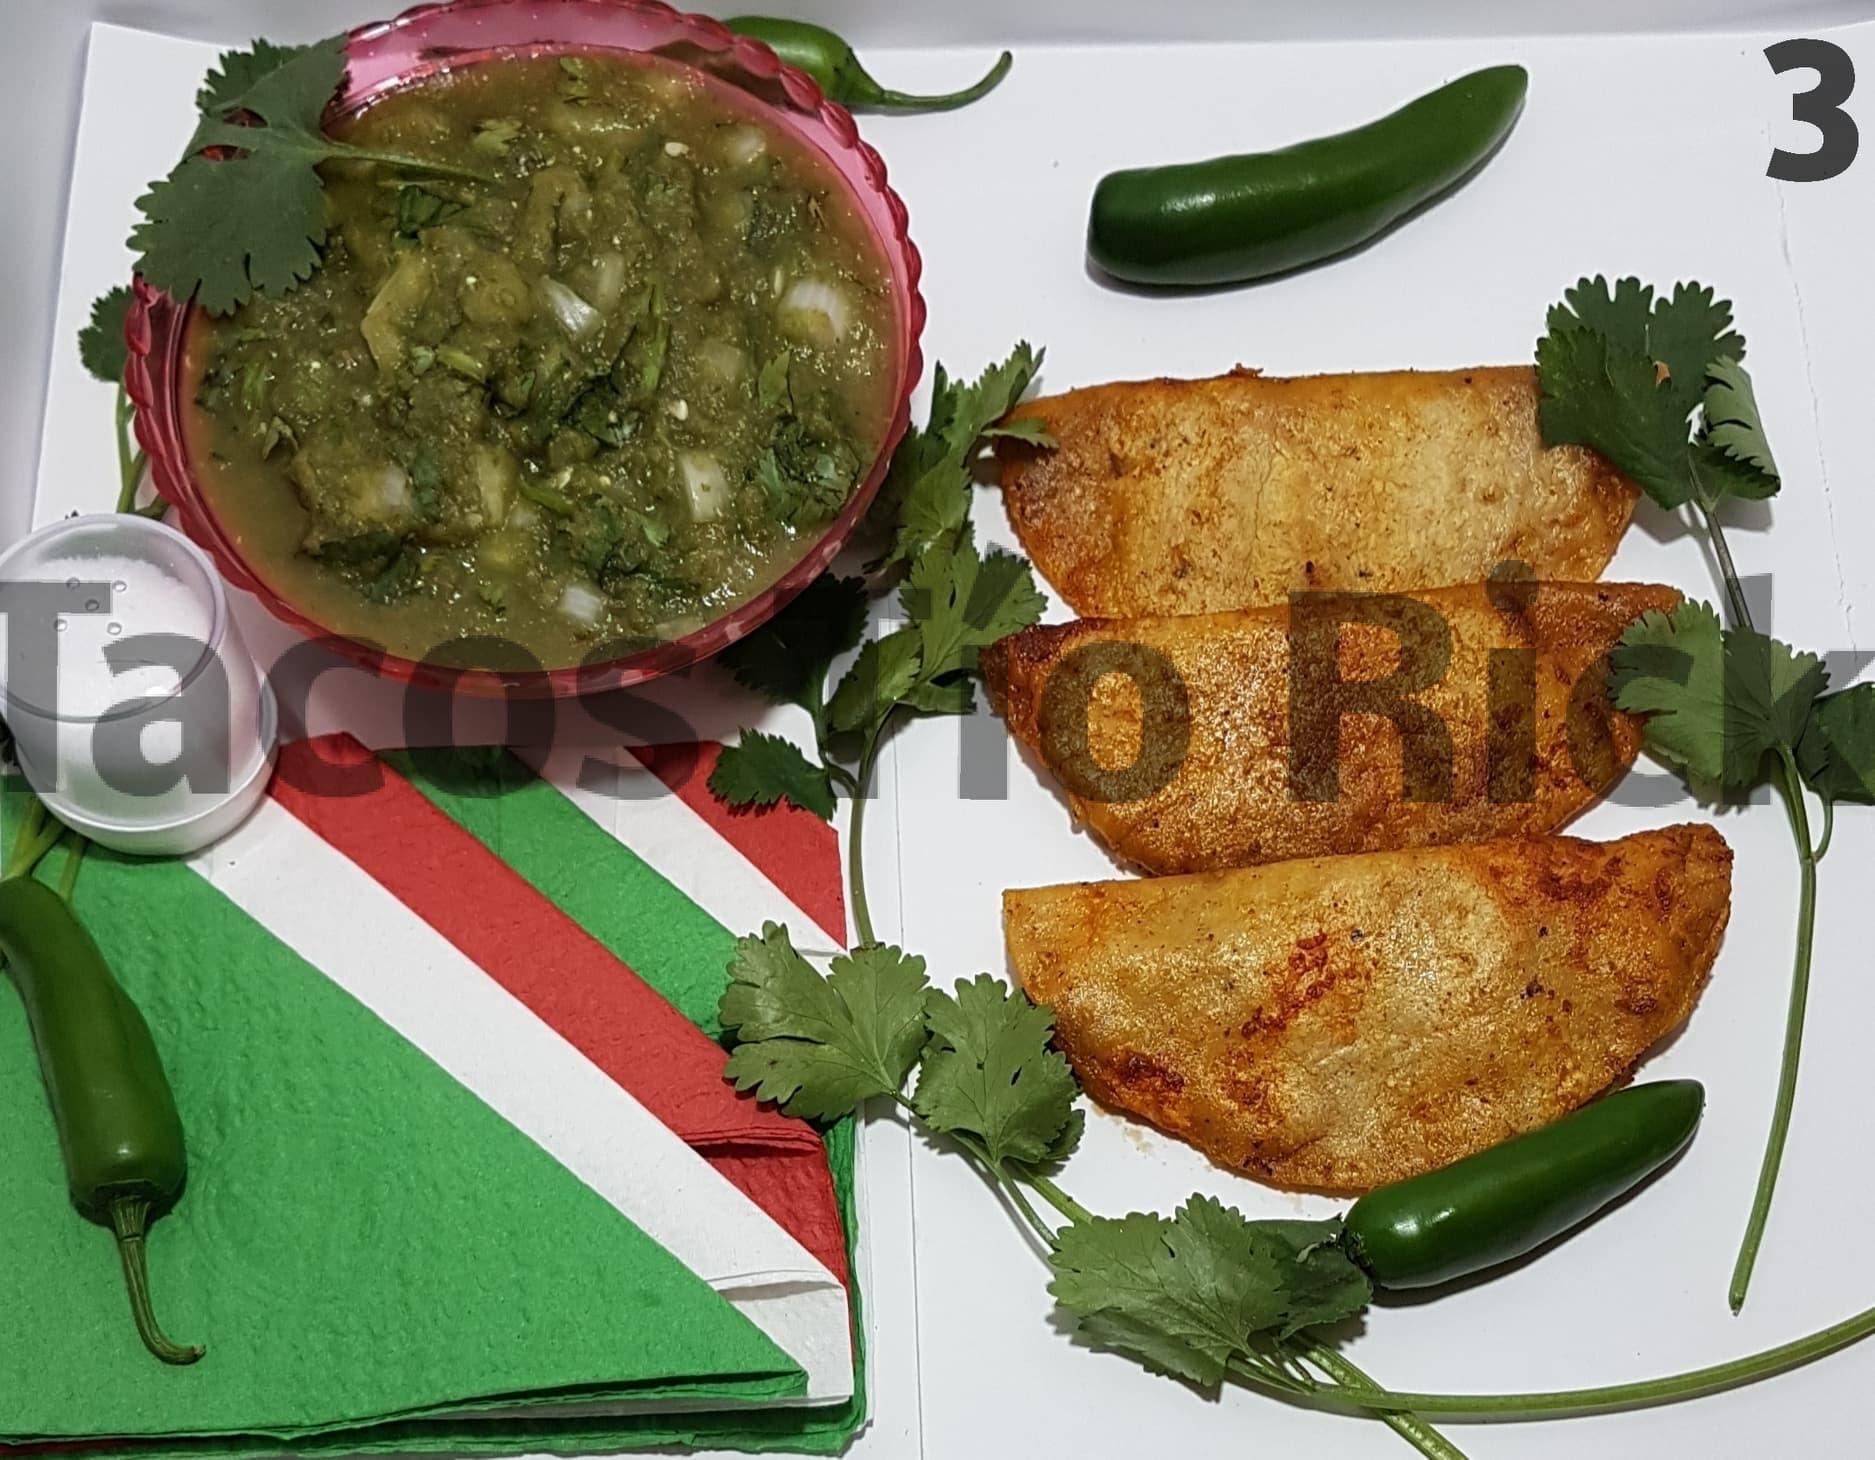 Tacos #133